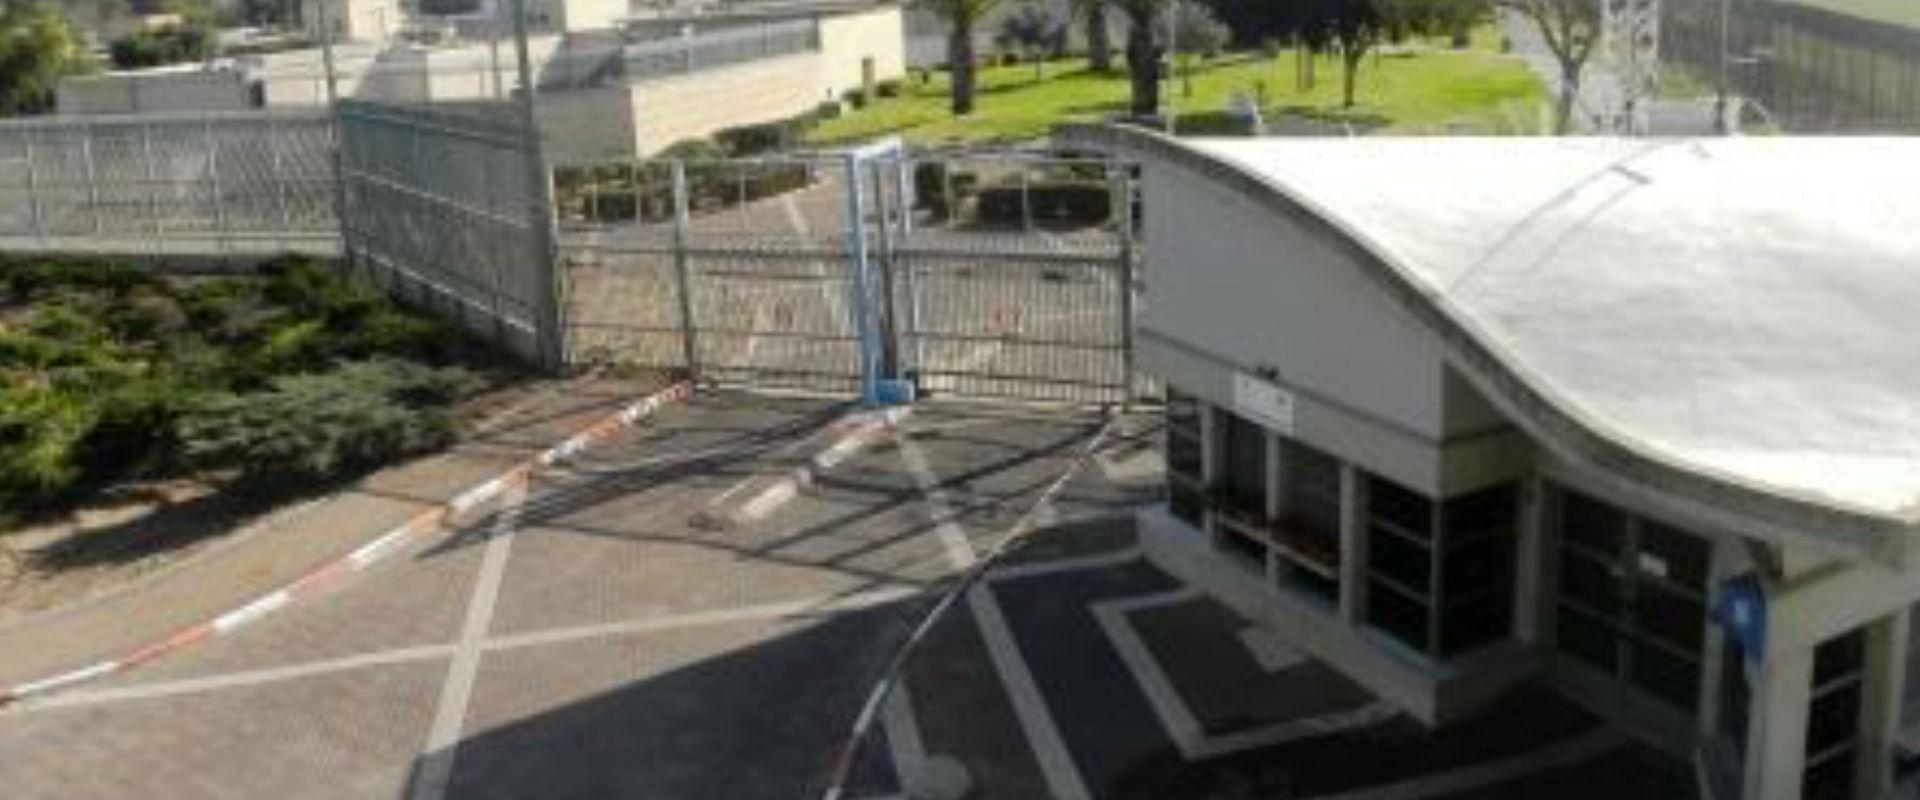 בית החולים הפסיכיאטרי שער מנשה